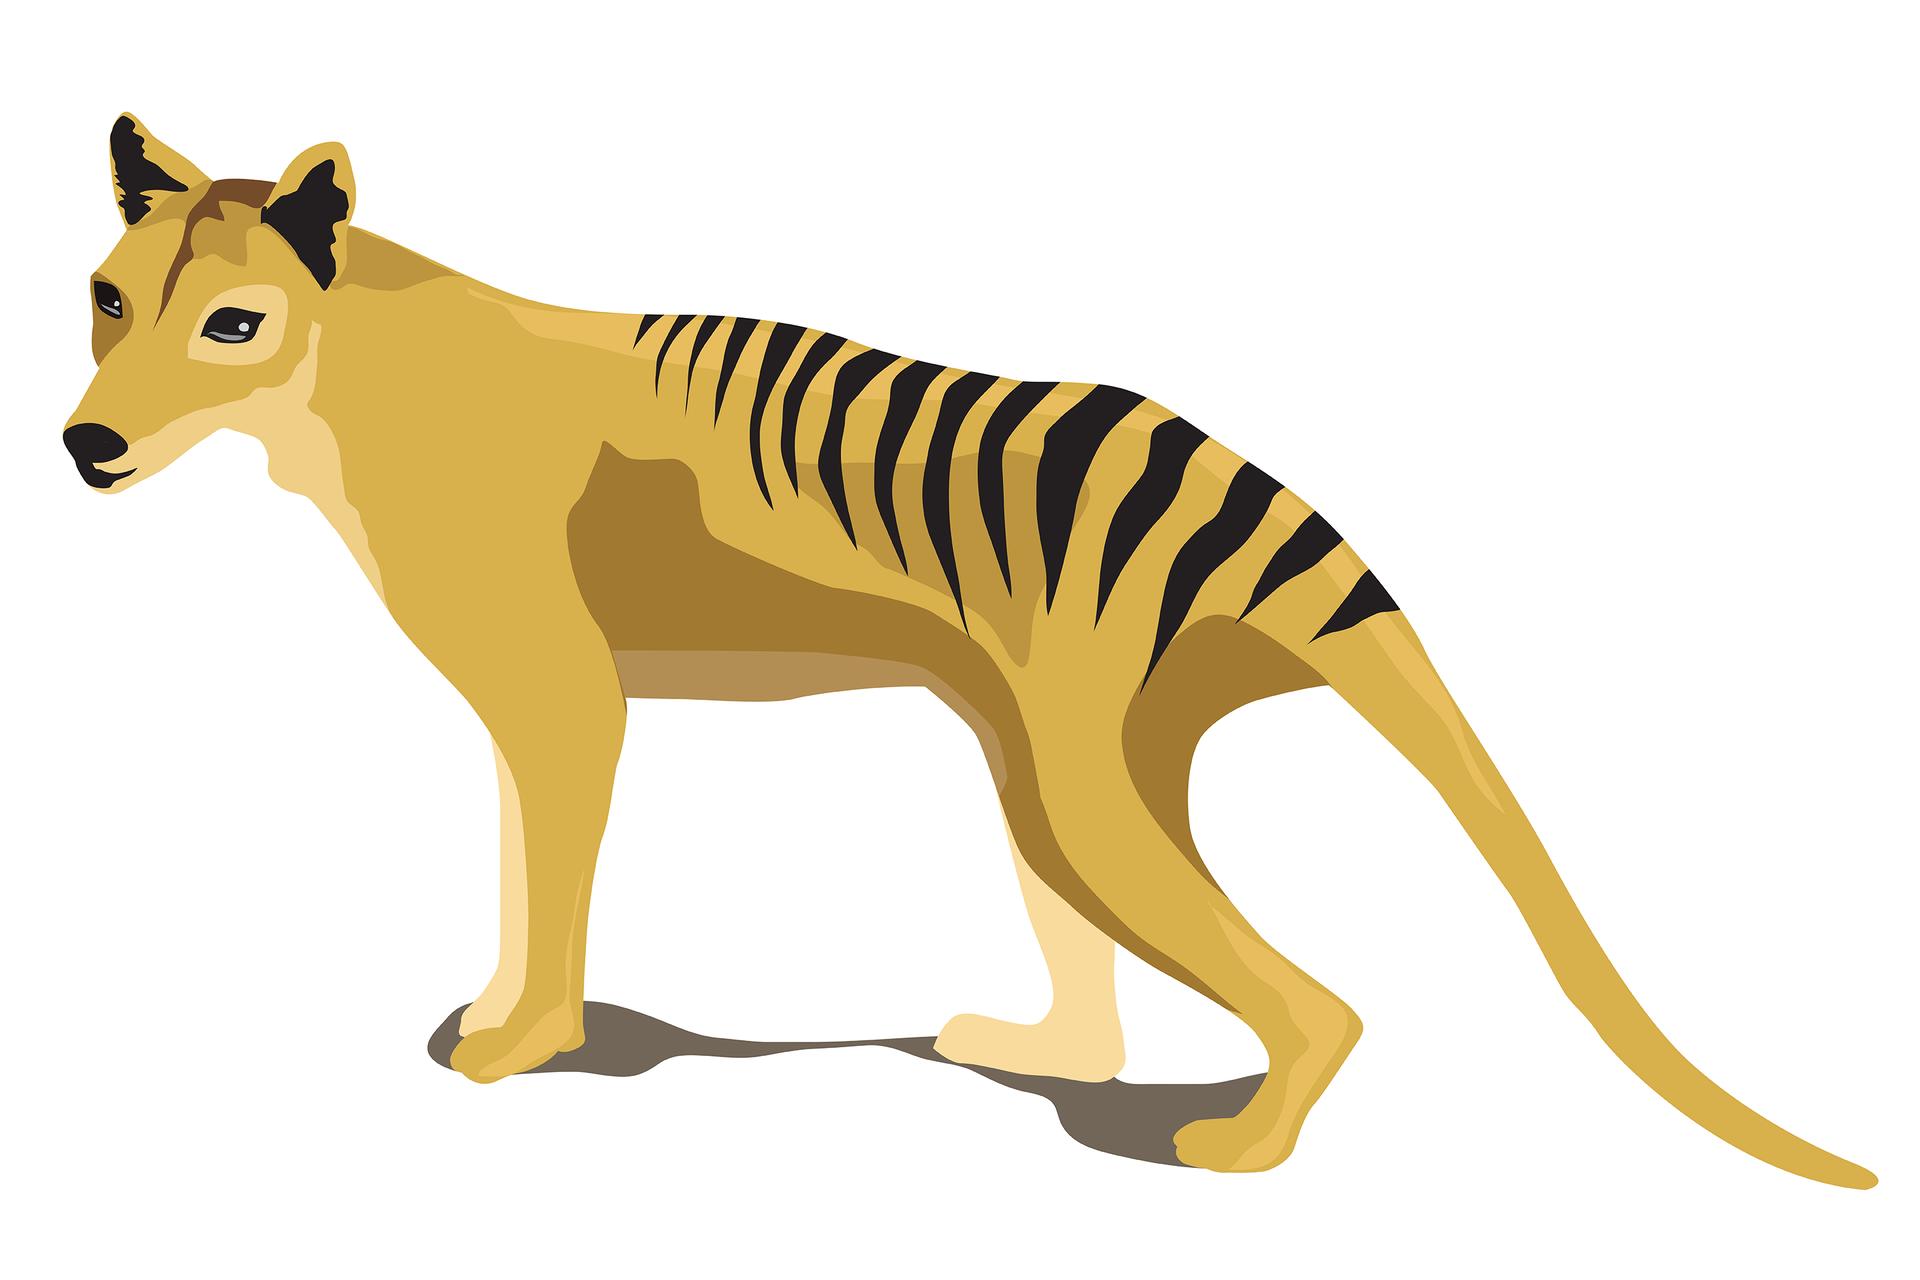 Ilustracja przedstawia sylwetkę żółto – brązowego zwierzęcia, podobnego do psa. Ma czarne pasy wtylnej części grzbietu iczarne uszy. To wymarły wilk workowaty.